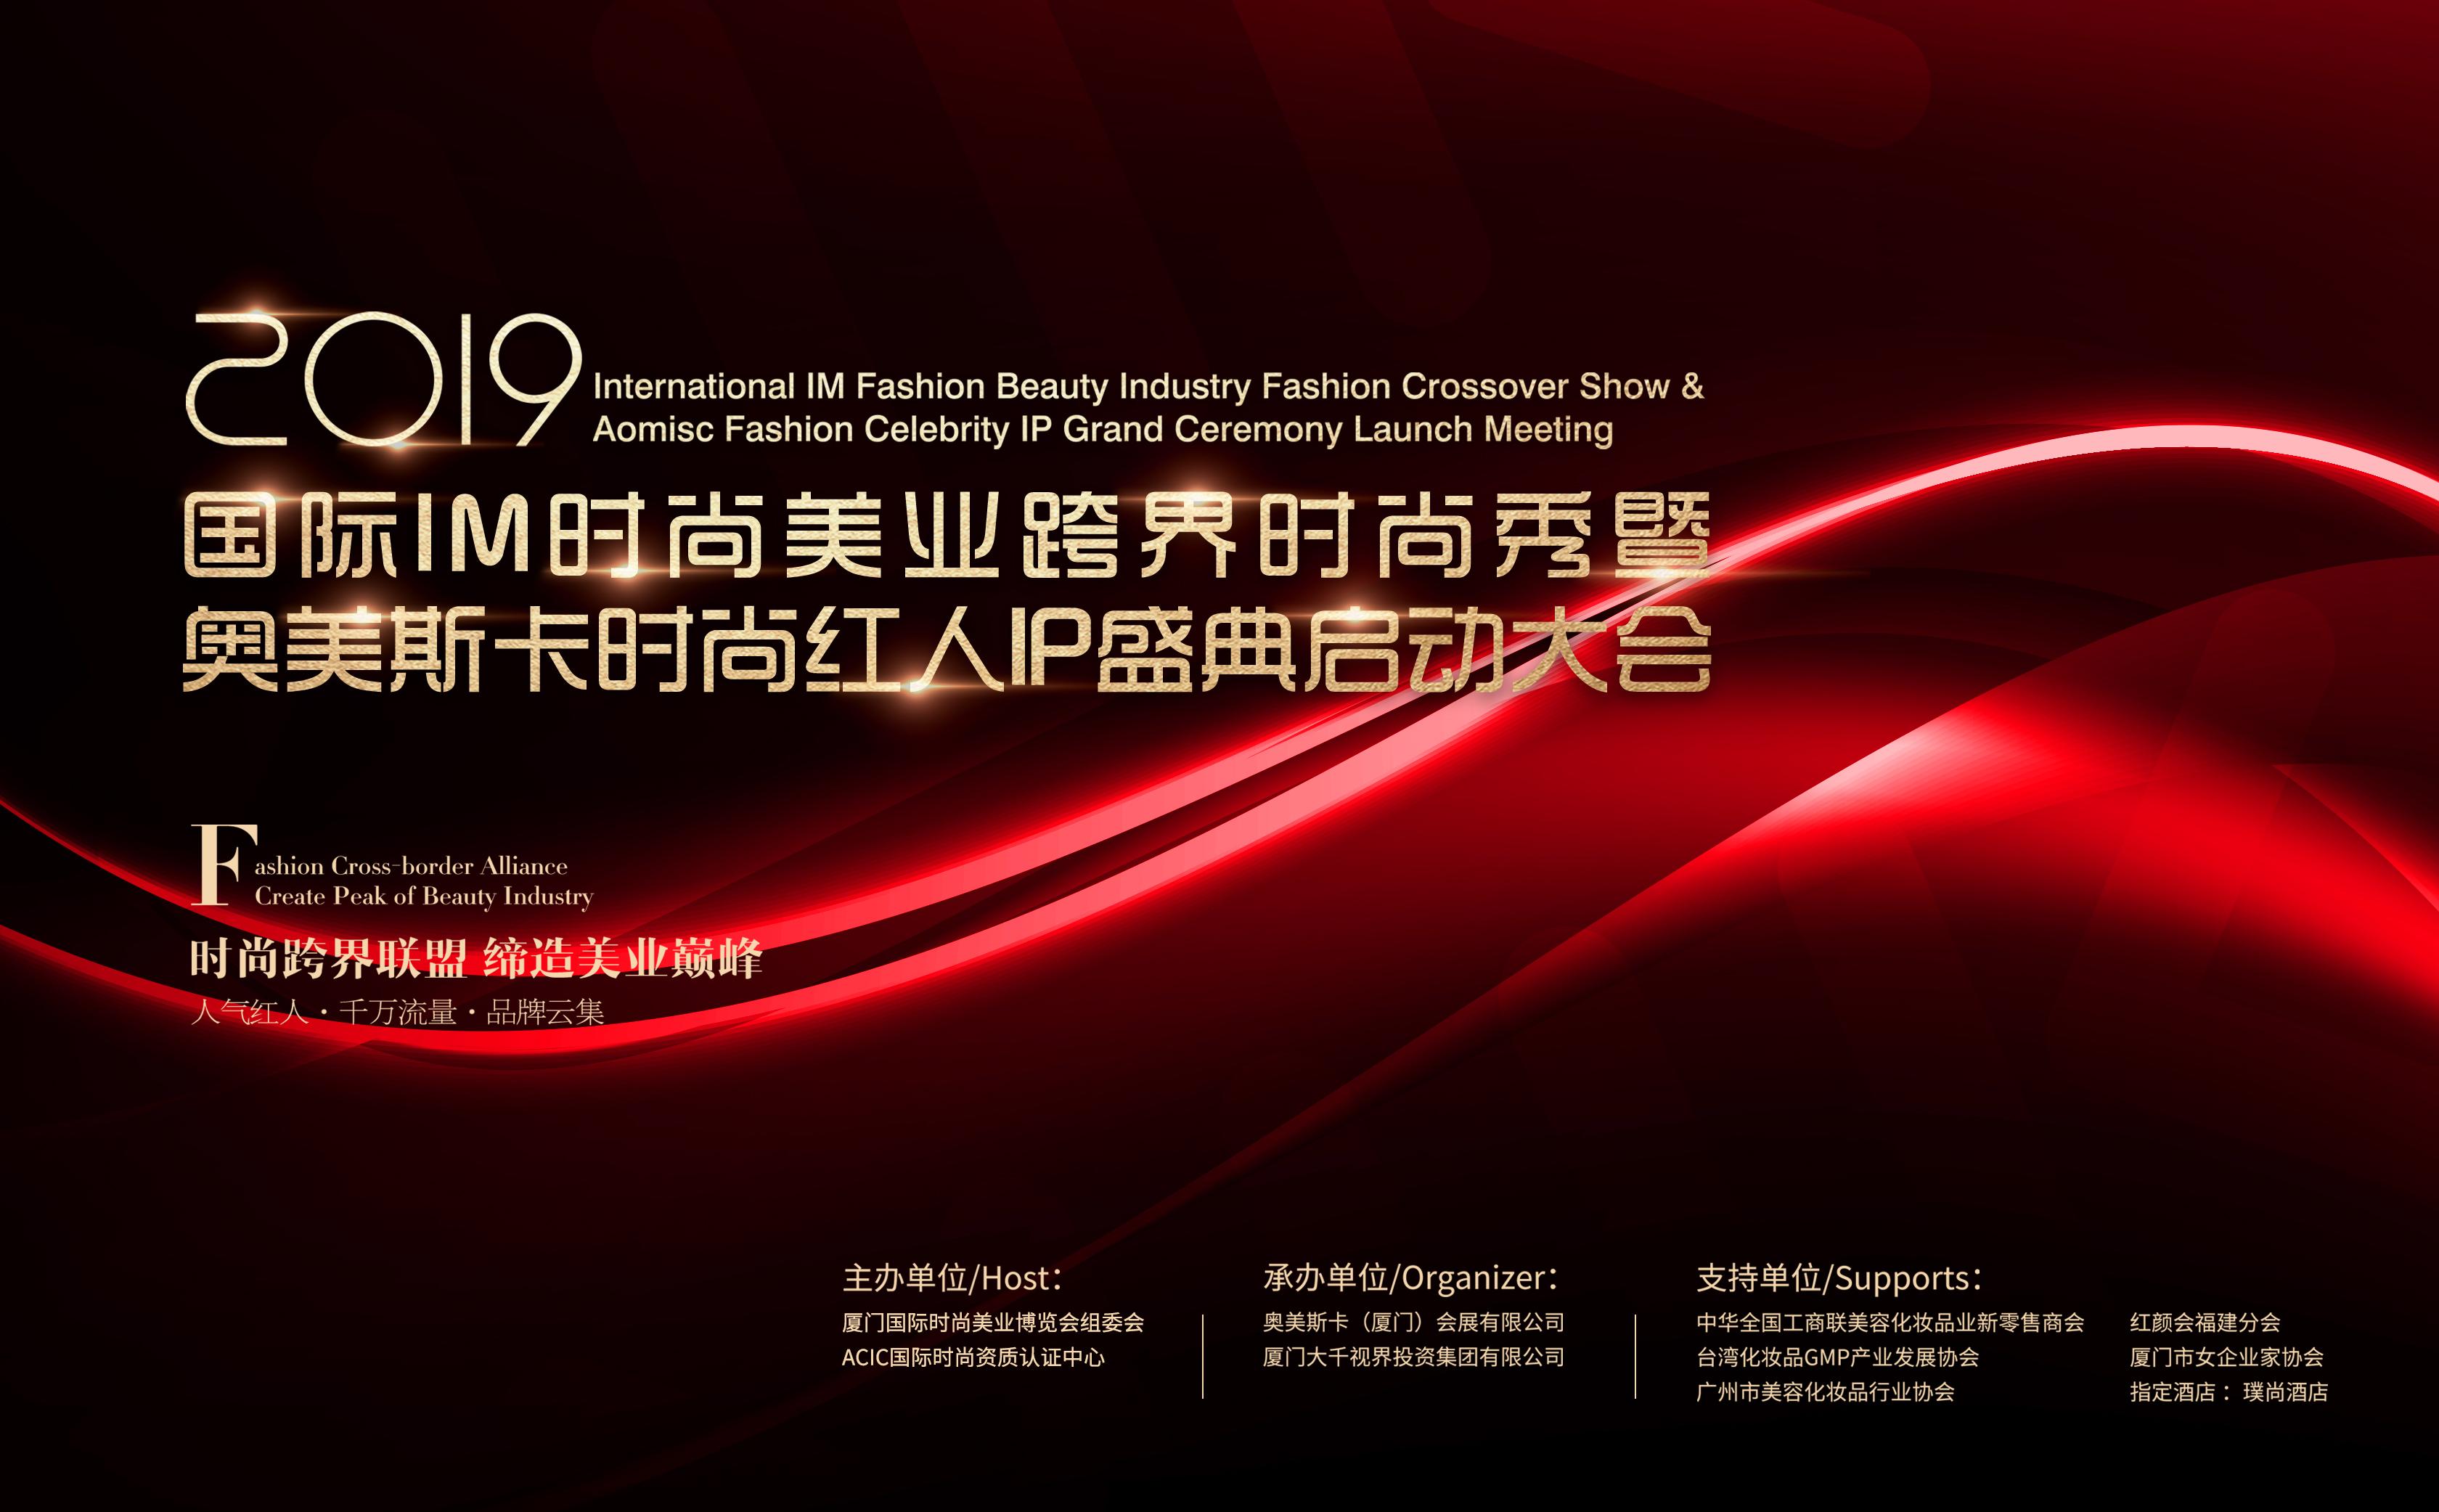 2019 国际IM时尚美业跨界时尚秀